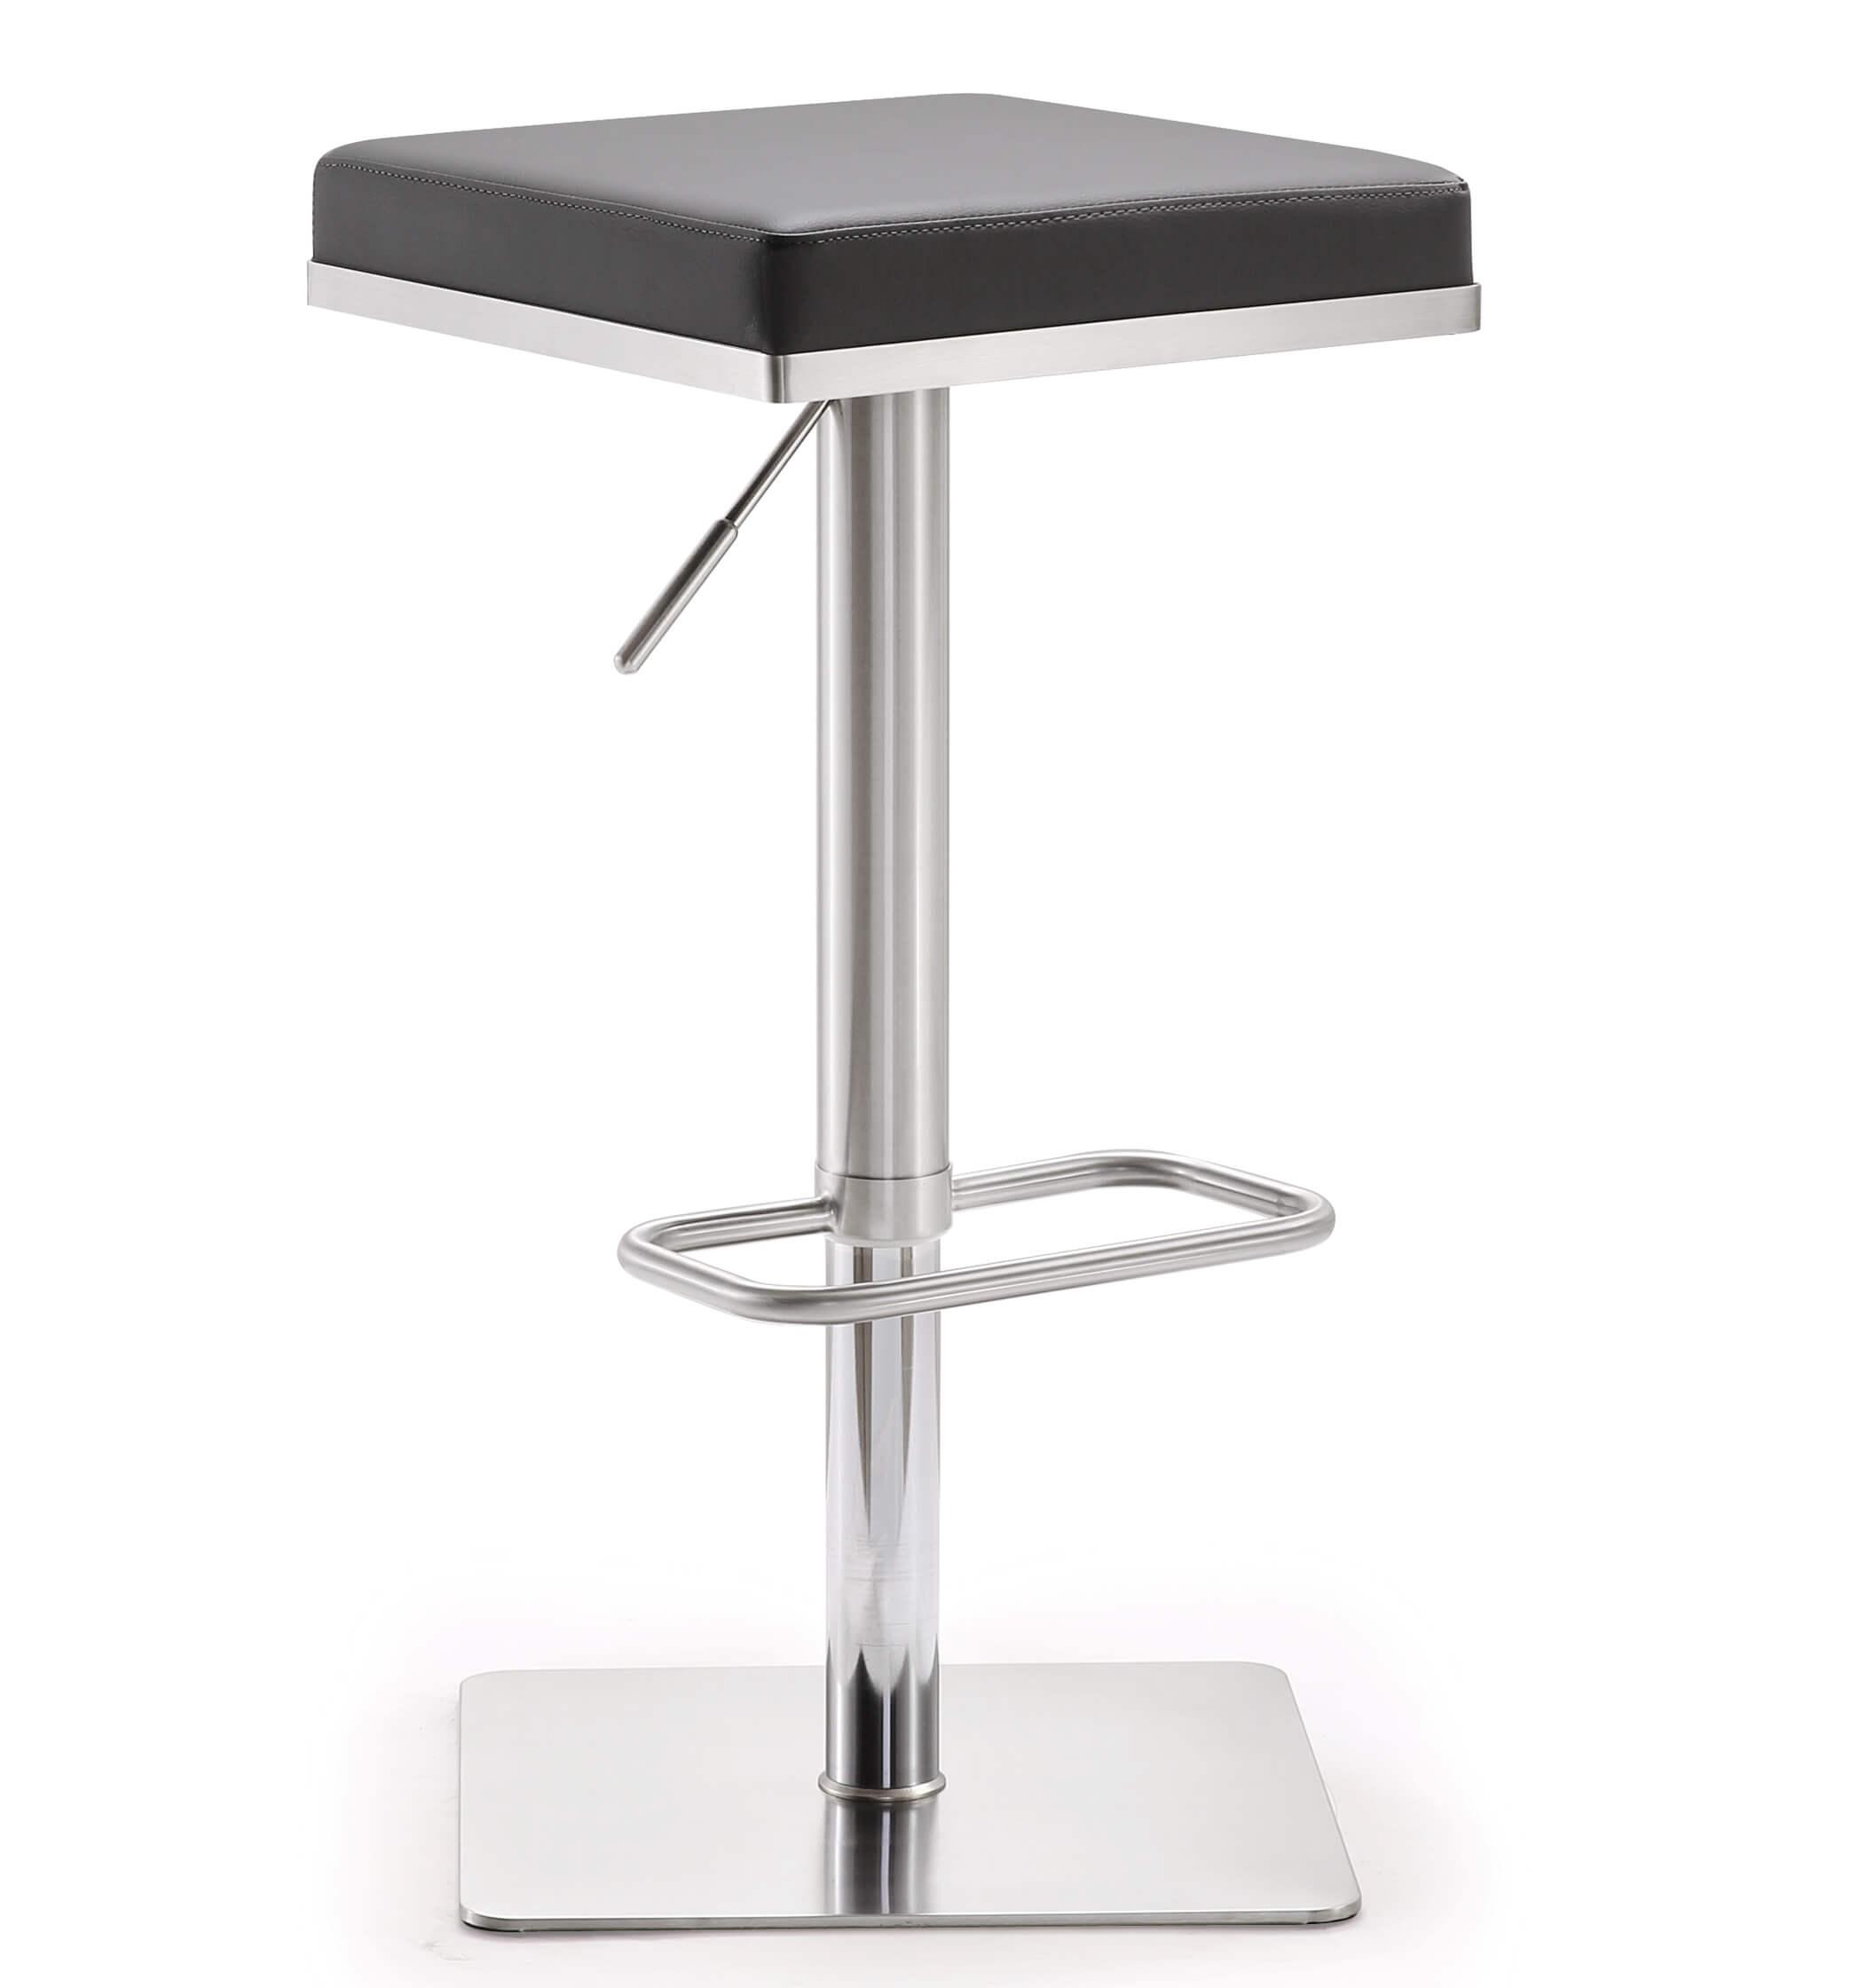 Bari Black Stainless Steel Barstool Tov Furniture